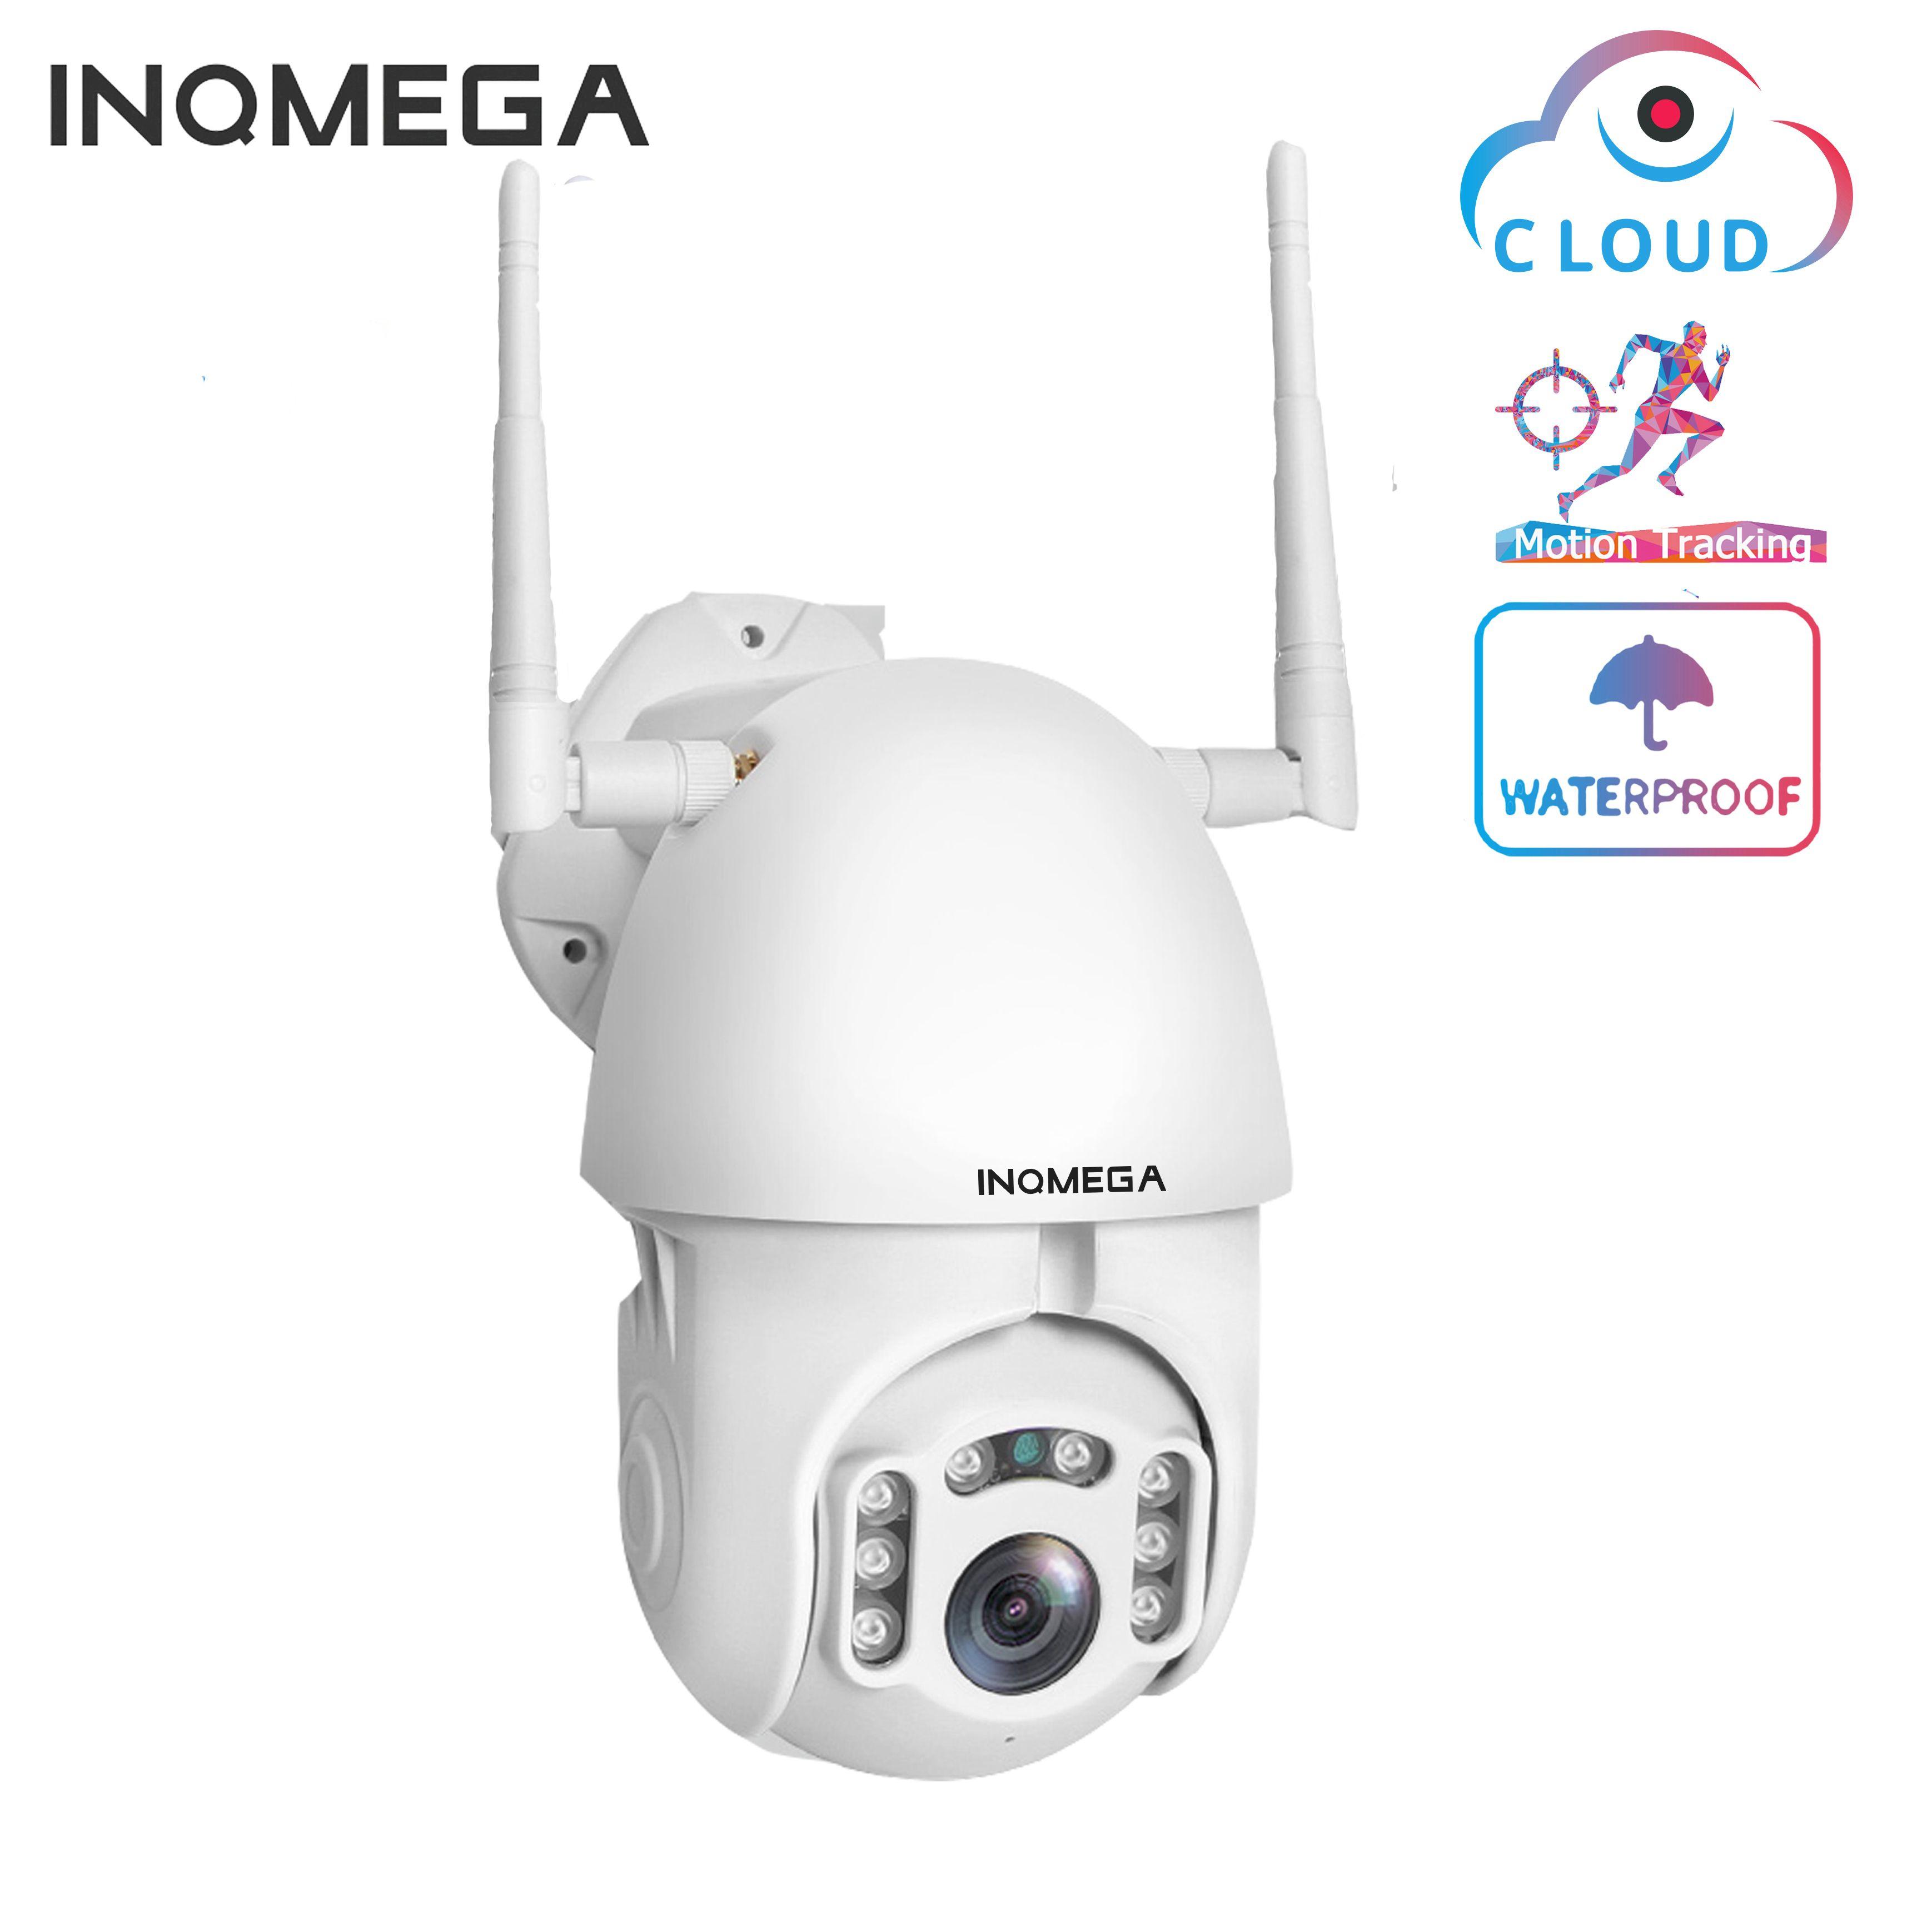 Caméra IP INQMEGA 1080P WiFi suivi automatique sans fil caméra dôme de vitesse PTZ caméra de Surveillance de sécurité CCTV extérieure caméra étanche